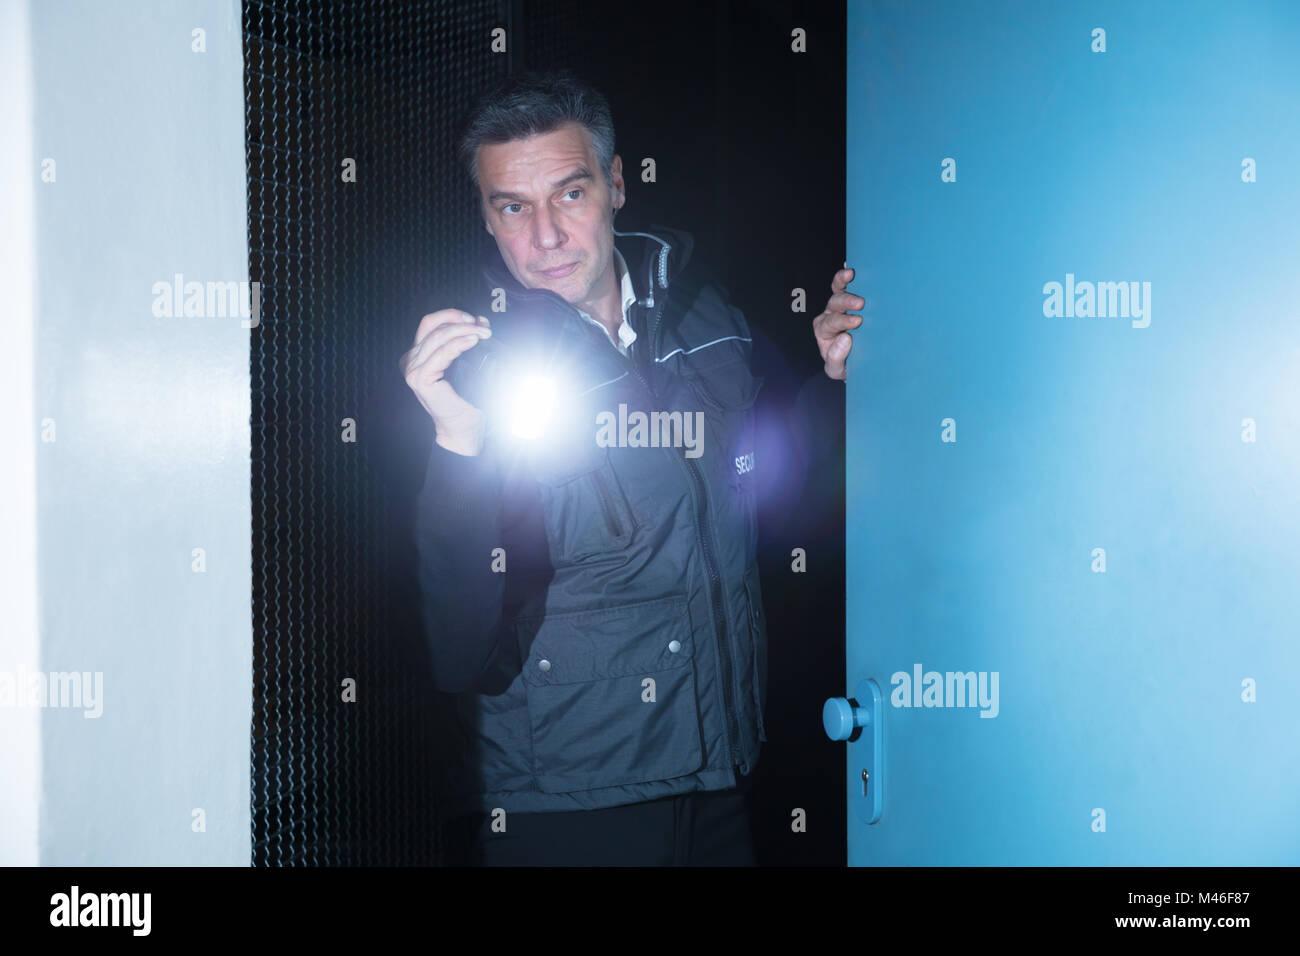 Guy using flashlight